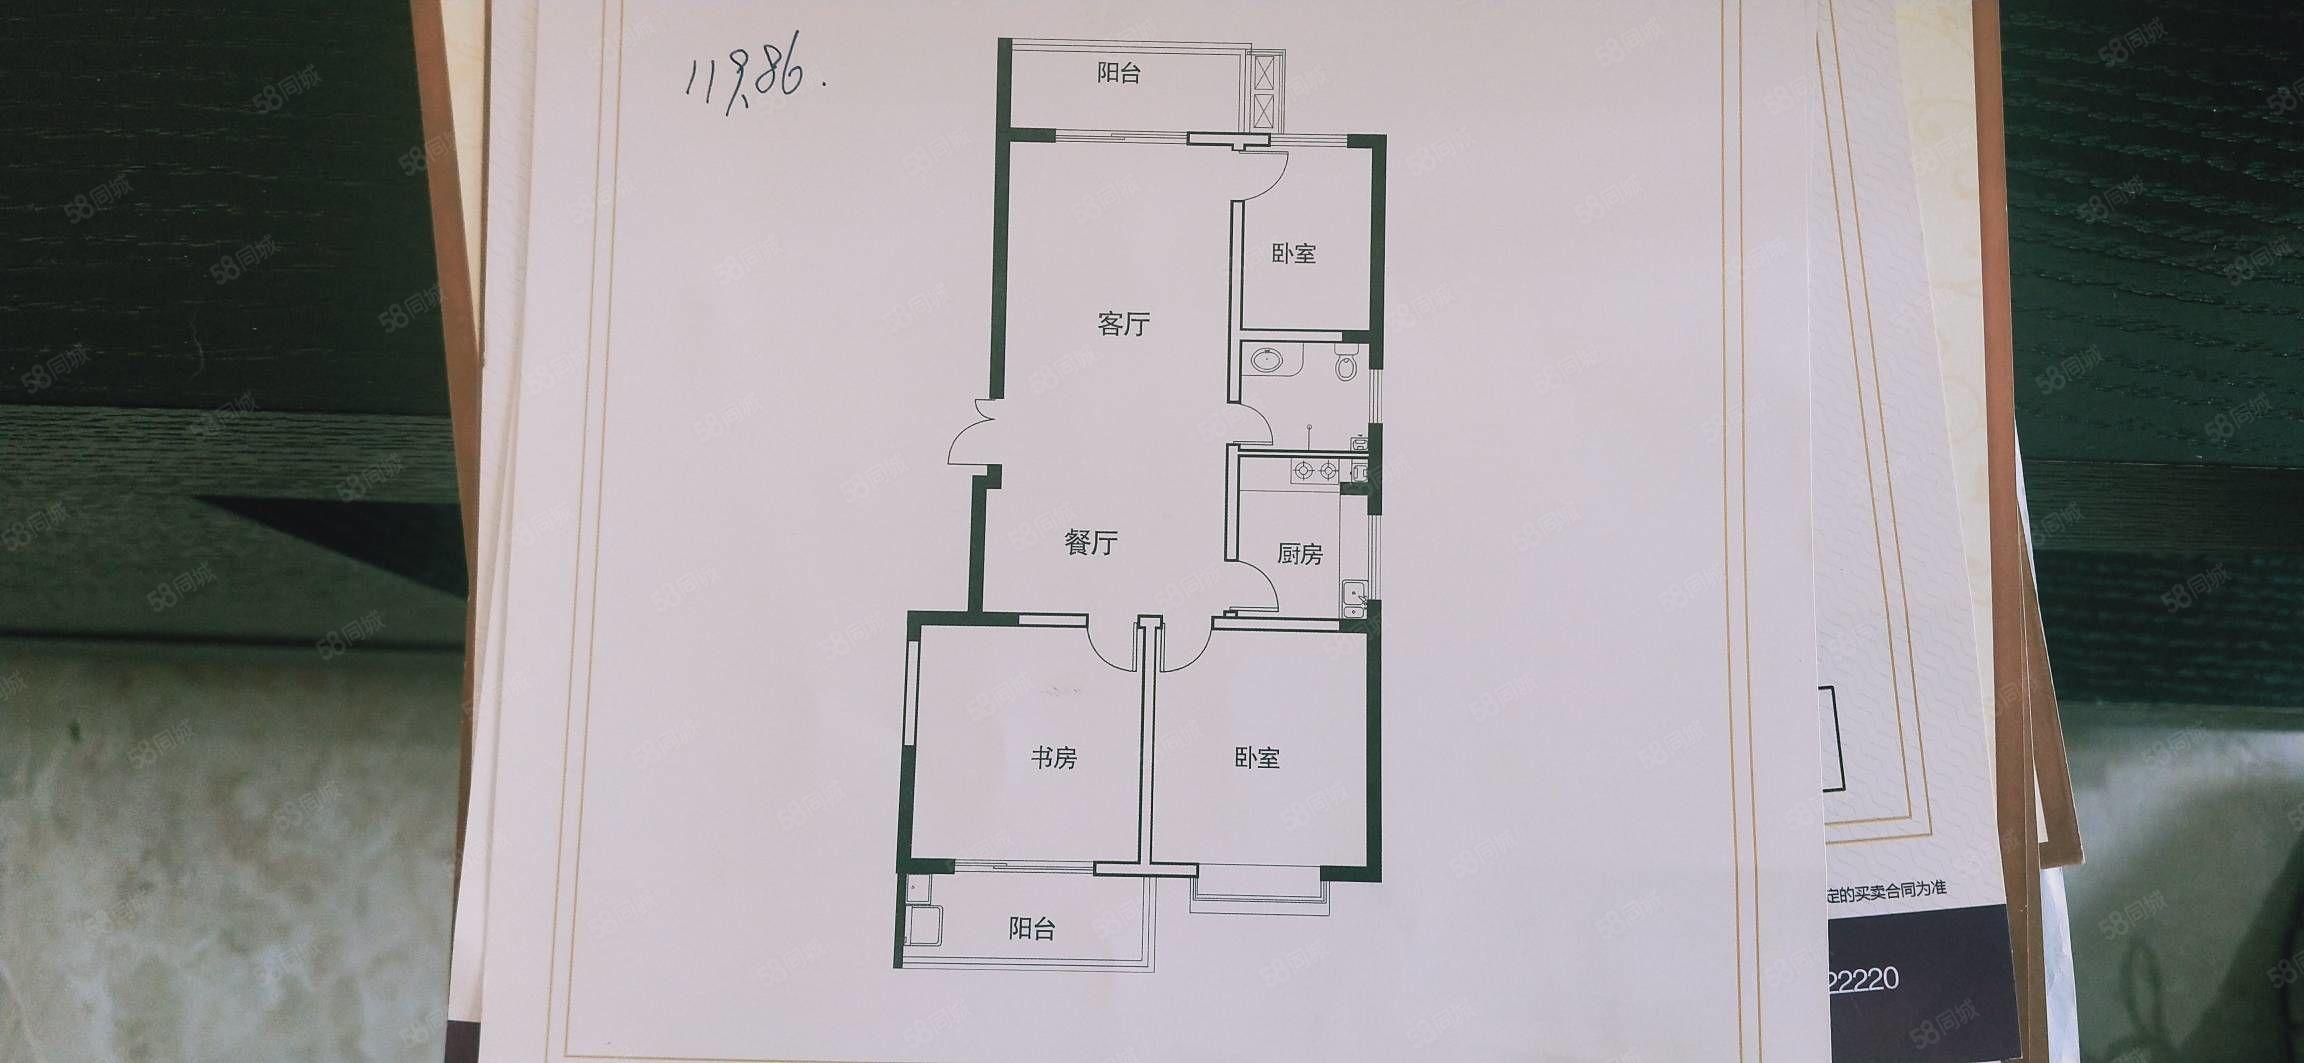 侯馬文明路,電梯可按揭,三室兩廳一衛44萬,馨源小區新房發售